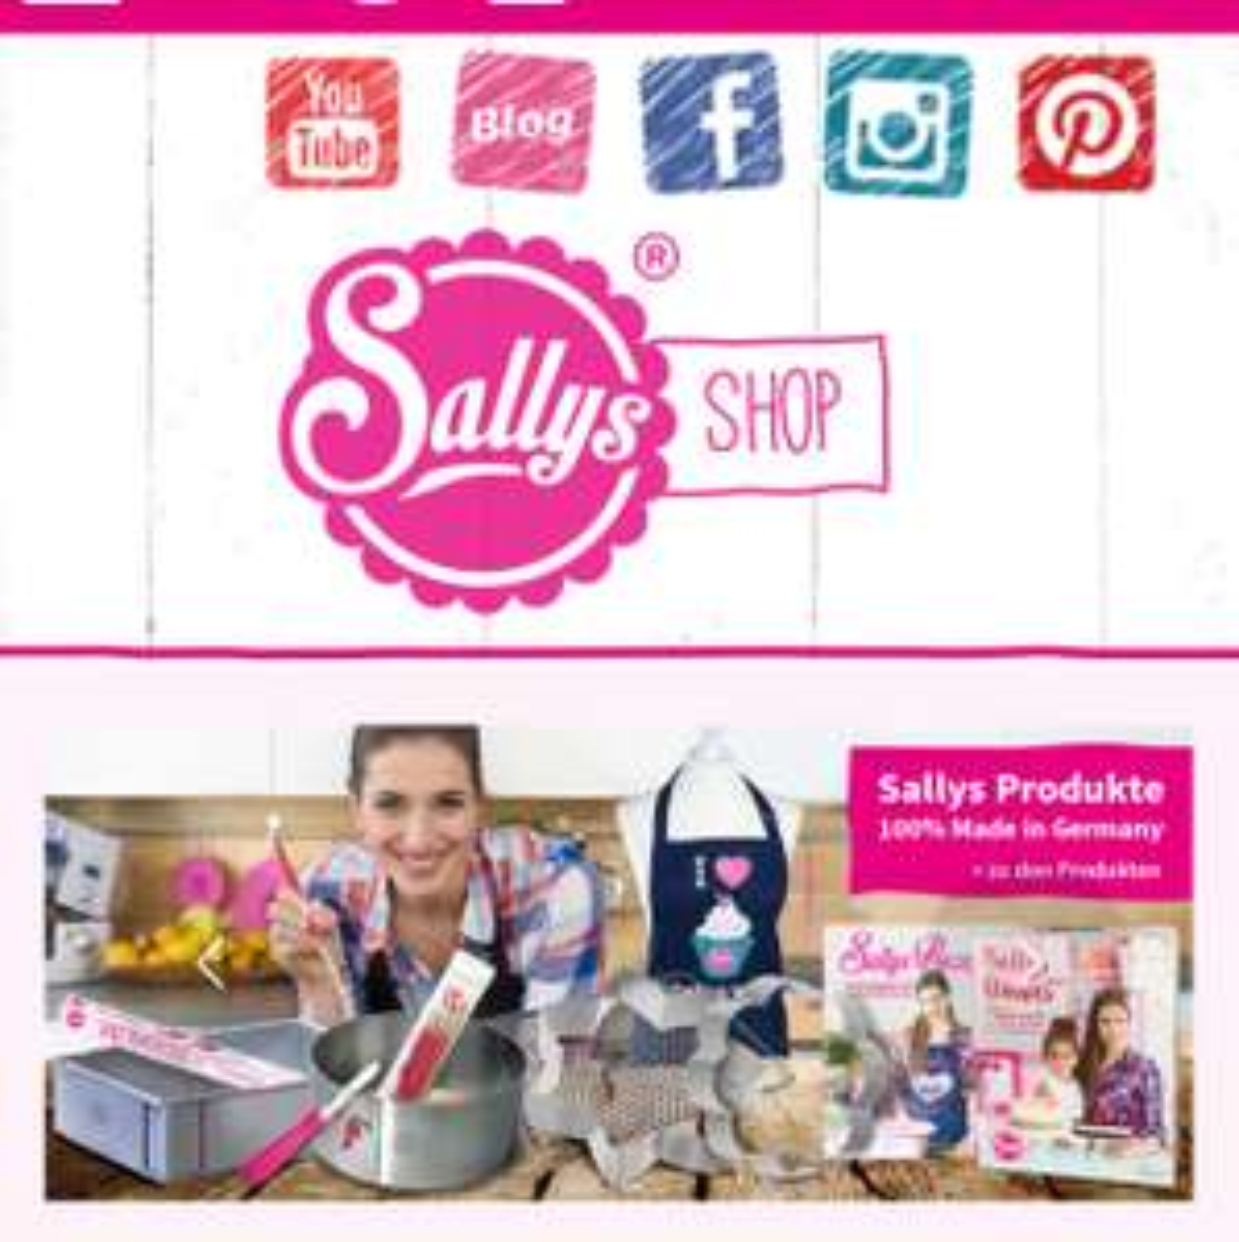 Sally's Shop Online 10% Rabatt Back & Koch Zubehör